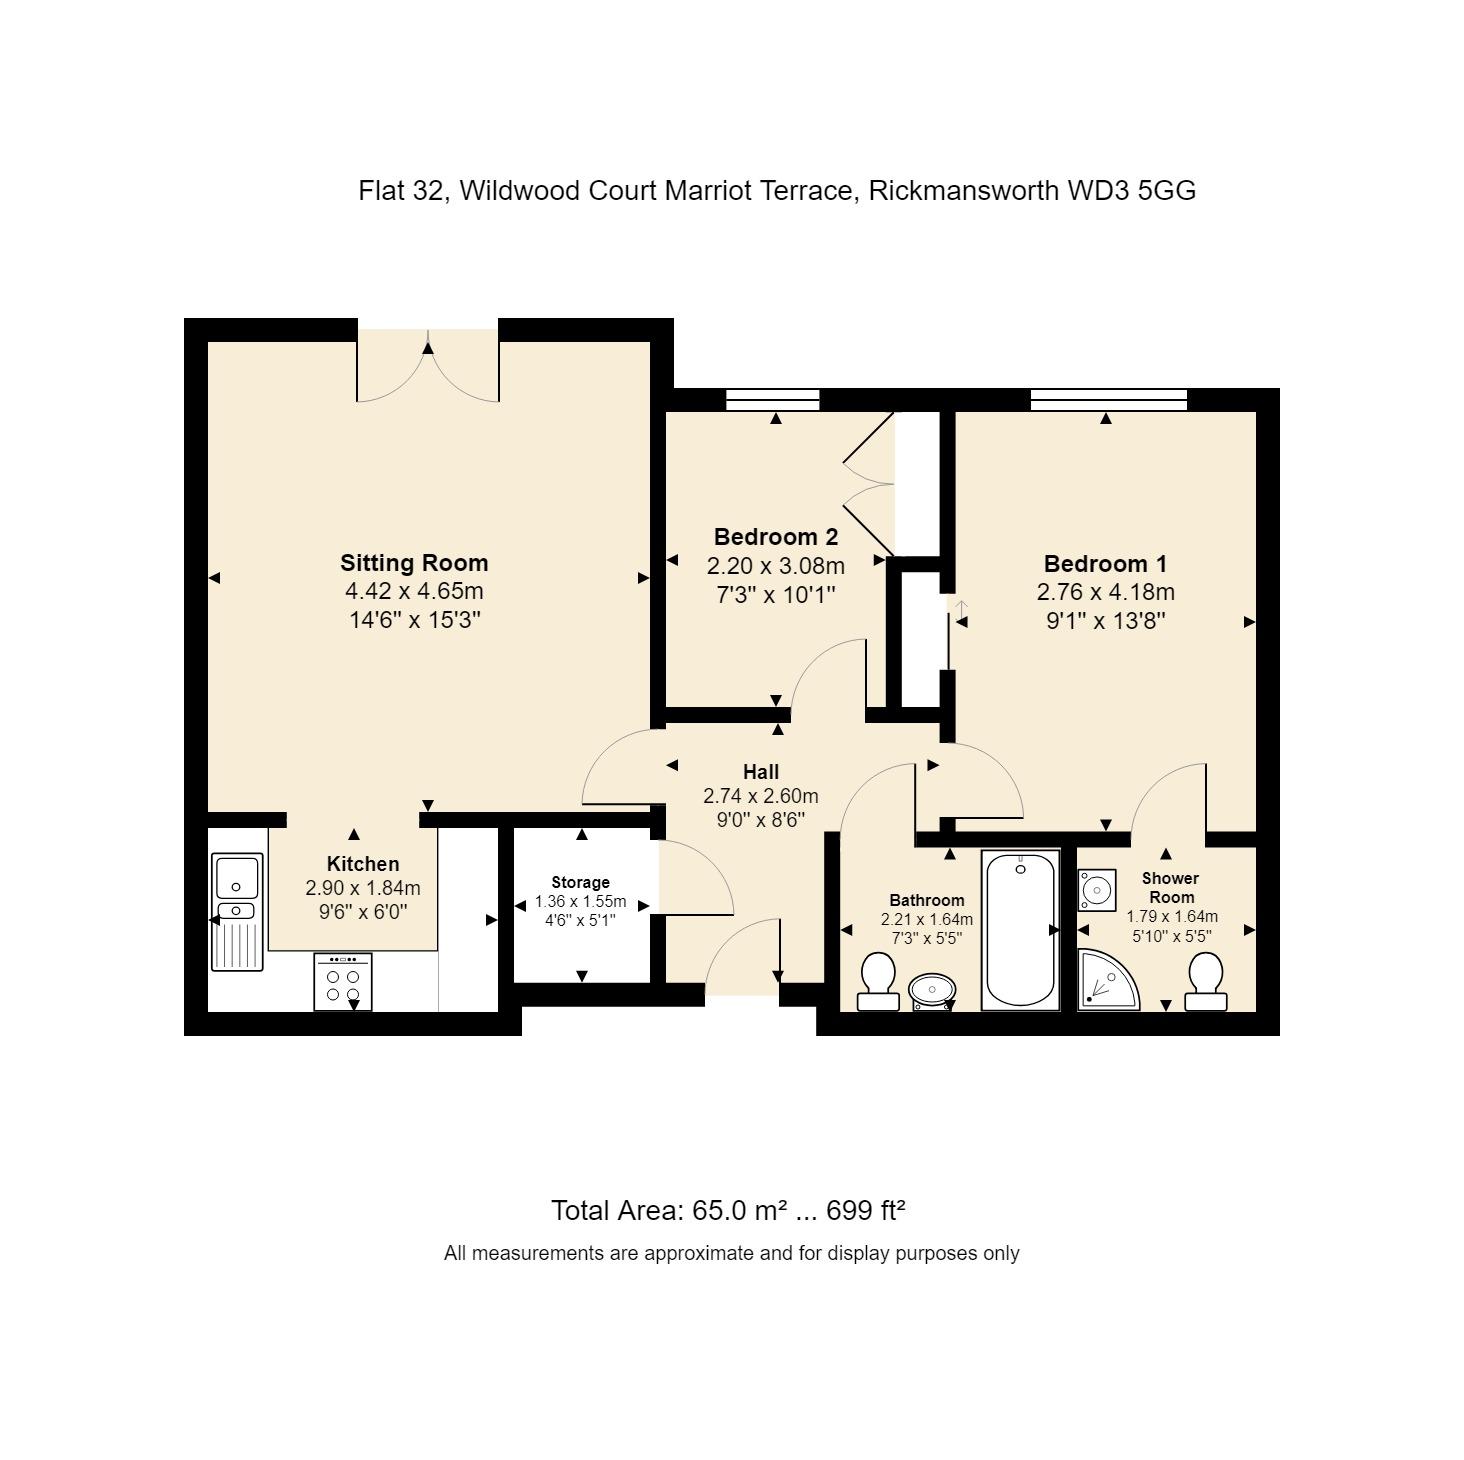 32 Wildwood Court Floorplan